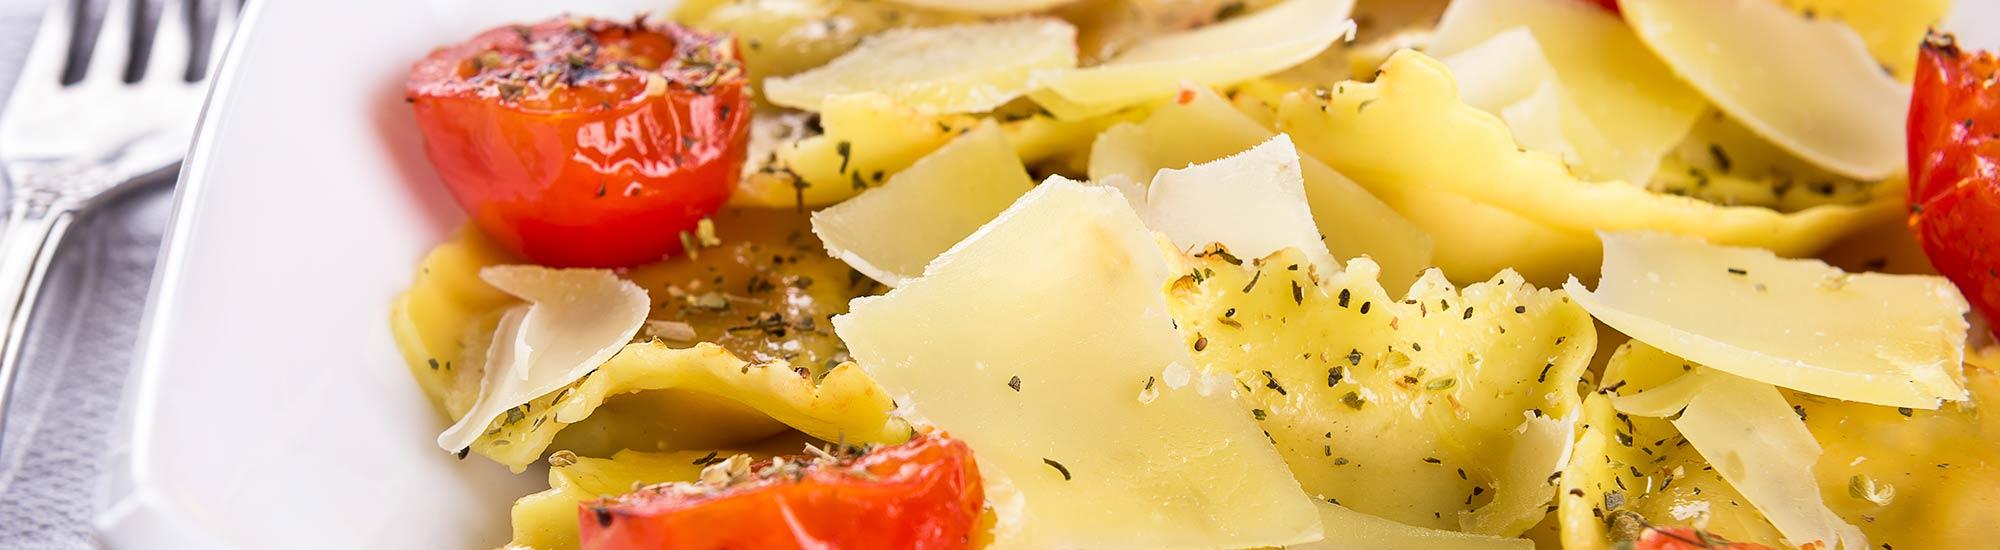 ricetta Ravioloni con pomodorini confit e scaglie di parmigiano con pasta fresca